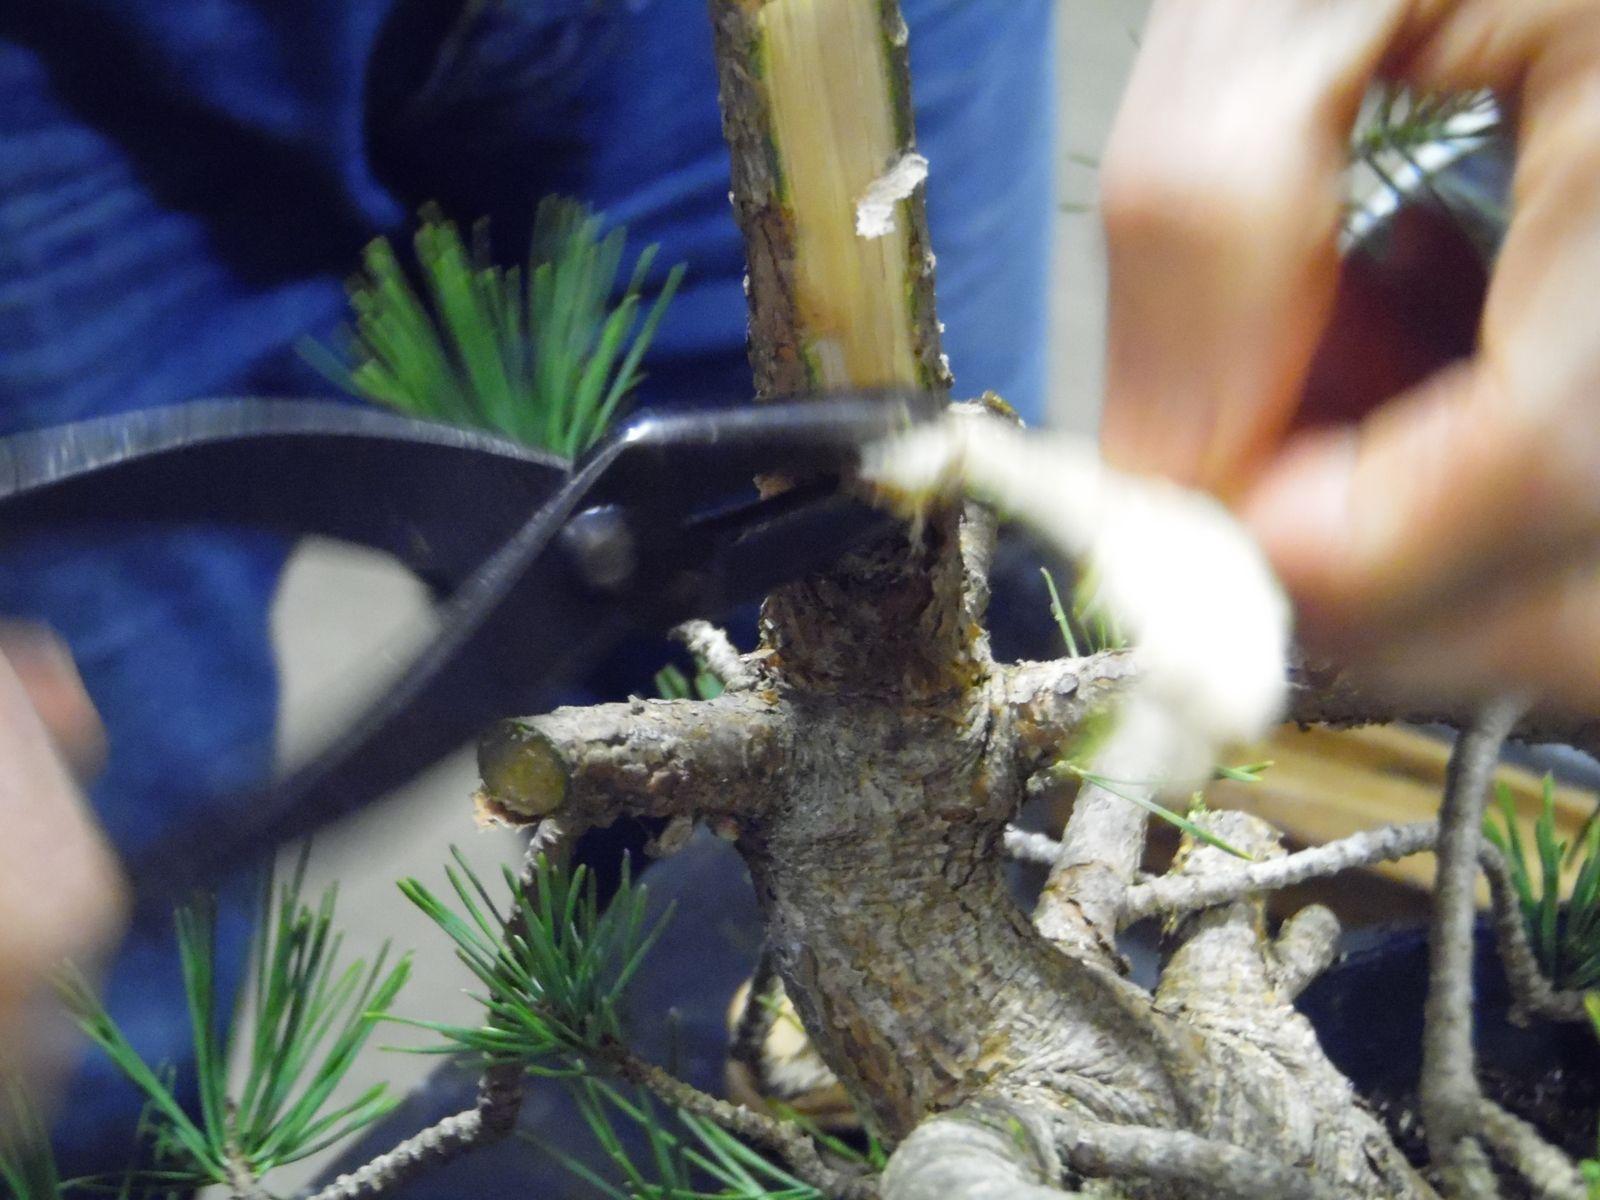 Bonsoir ! Pour vous faire patienter jusqu'au stage de dimanche prochain animé par Ronan, je vous fais parvenir les photos de notre dernière réunion. En début de soirée, nous avons eu le droit à une petite démo réalisée par Francis, qui a été faite sur un pin qui n'était pas très facile... Après ça nous avons tous fait nos petits, ou gros travaux sur nos arbres !